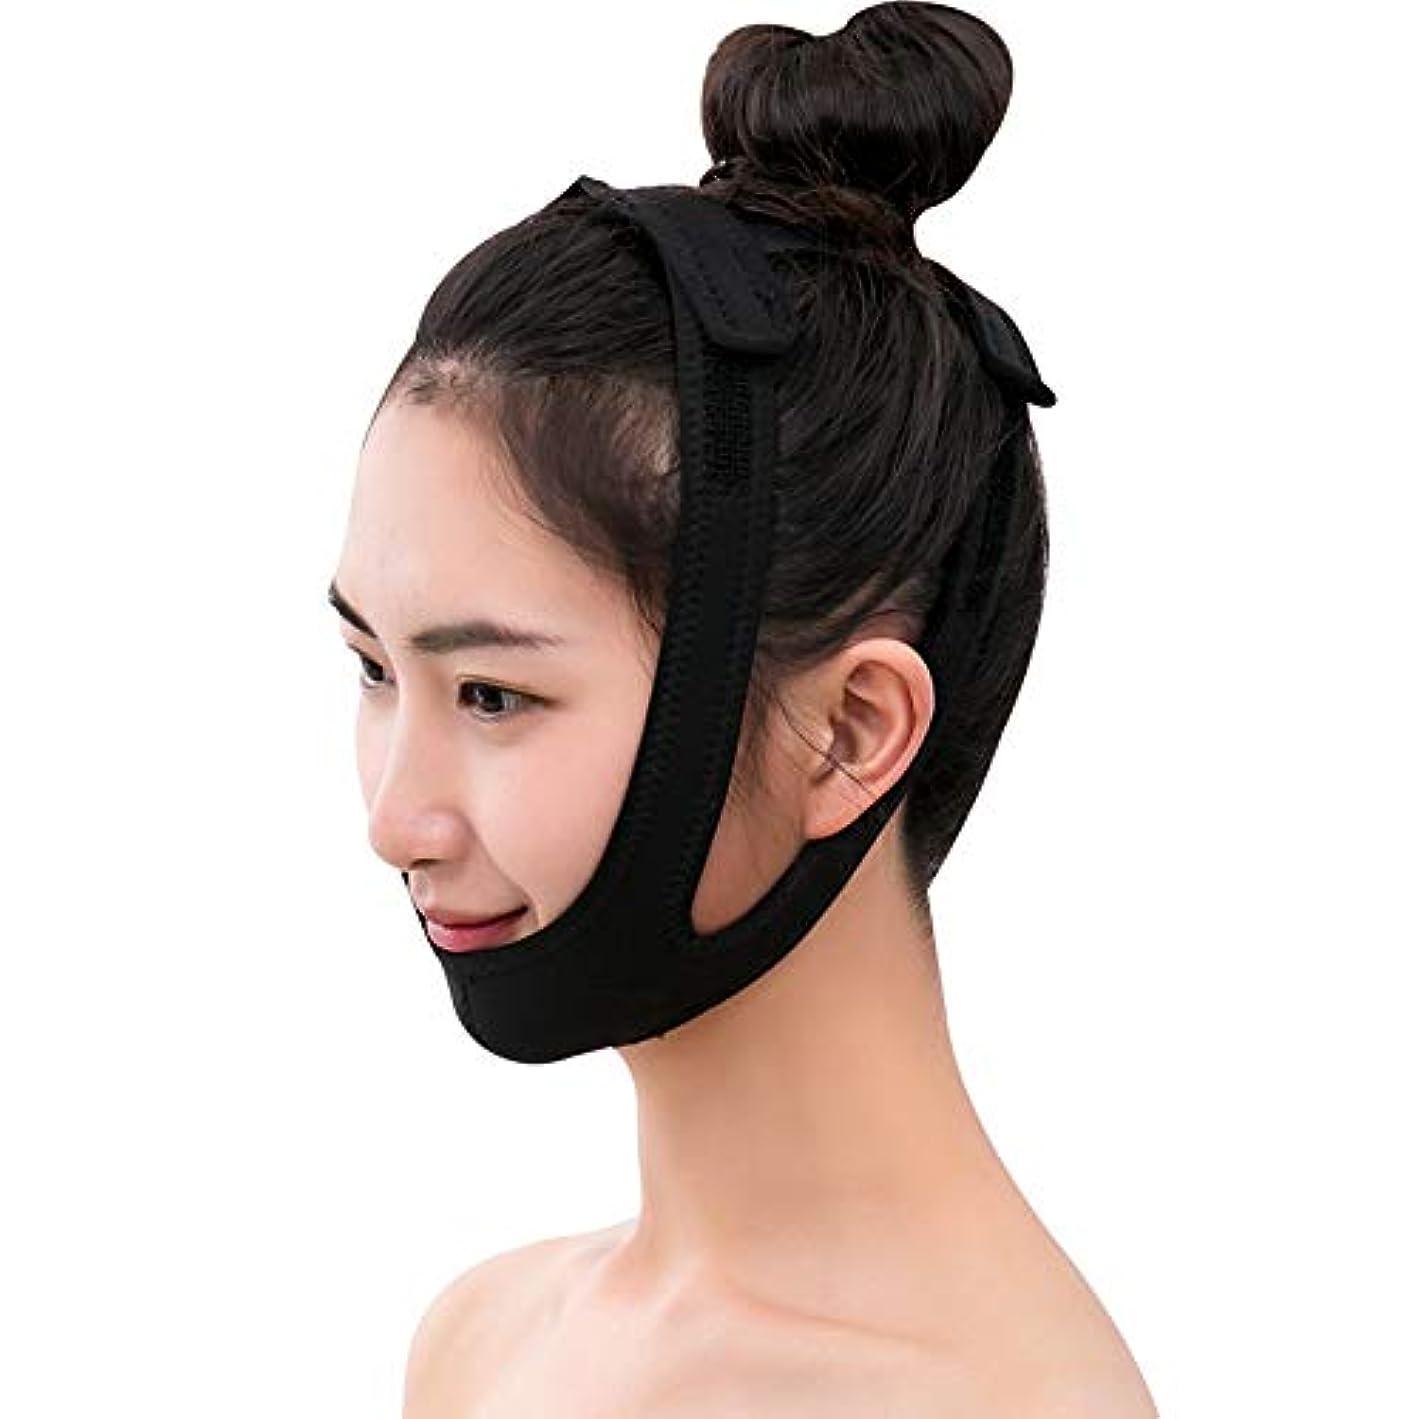 リボン文法競うフェイスリフトベルト 薄いフェイスバンド - 薄い顔の包帯ビューティーインストゥルメントフェイシャルリフト睡眠マスク法Vフェイスマスクの通気性を作る